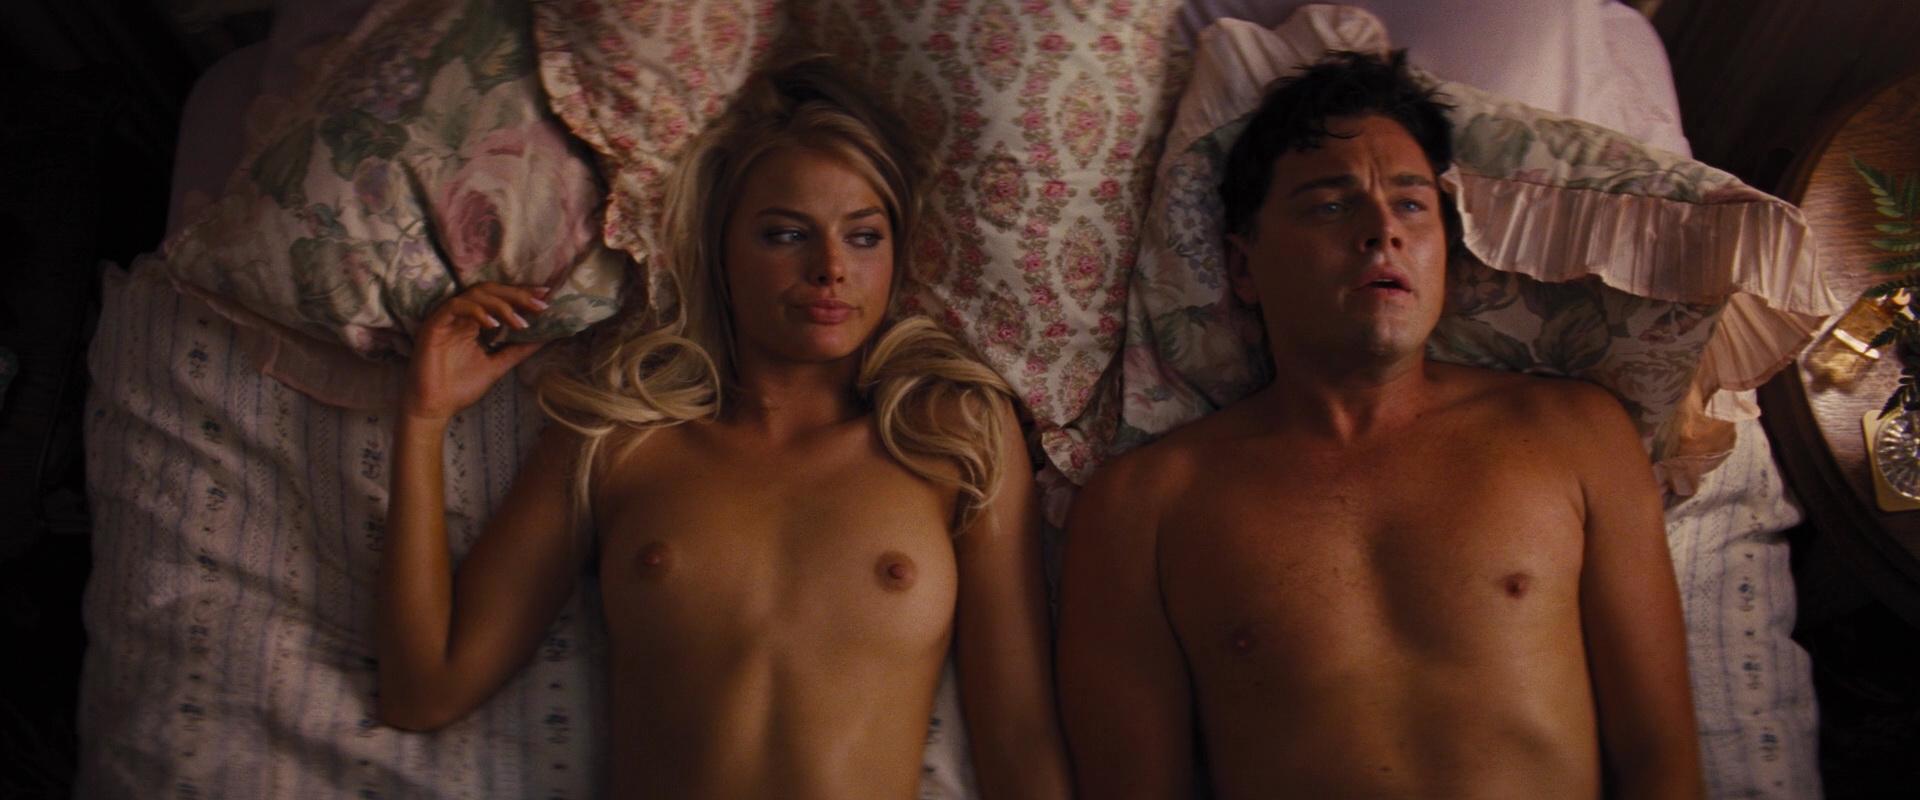 Margot Robbie porn